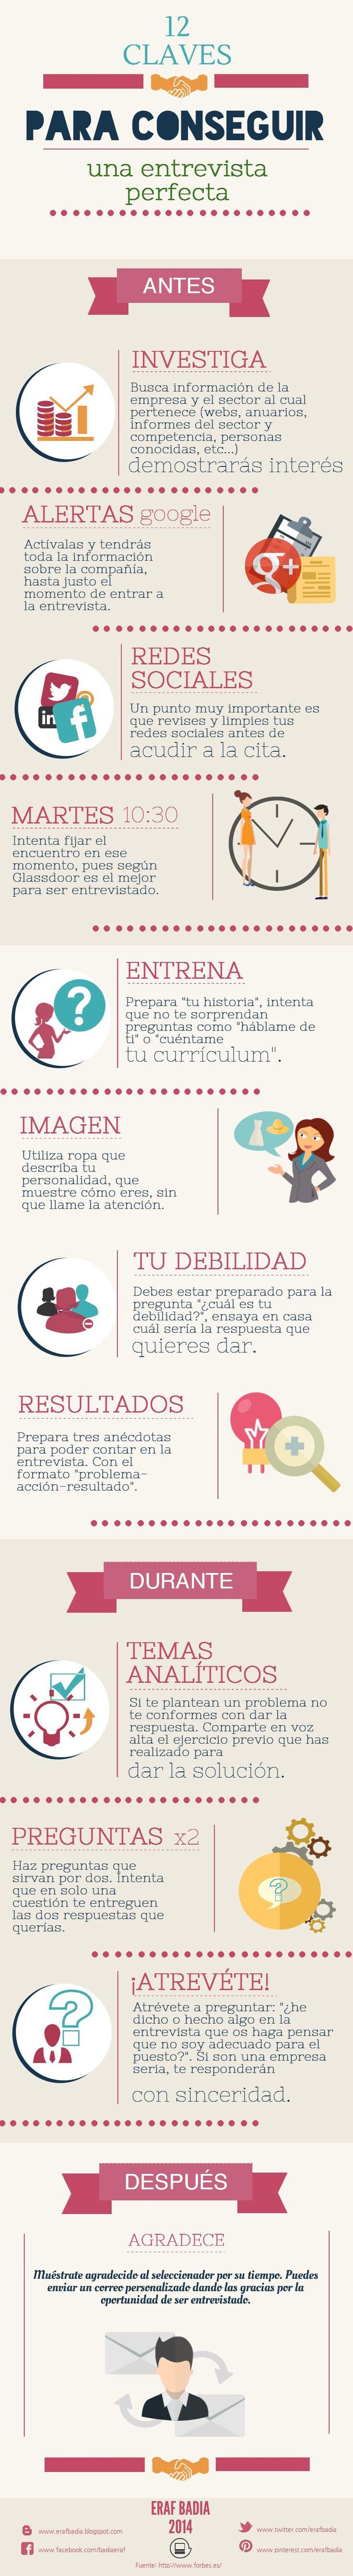 12 Claves para conseguir una entrevista perfecta #infografía